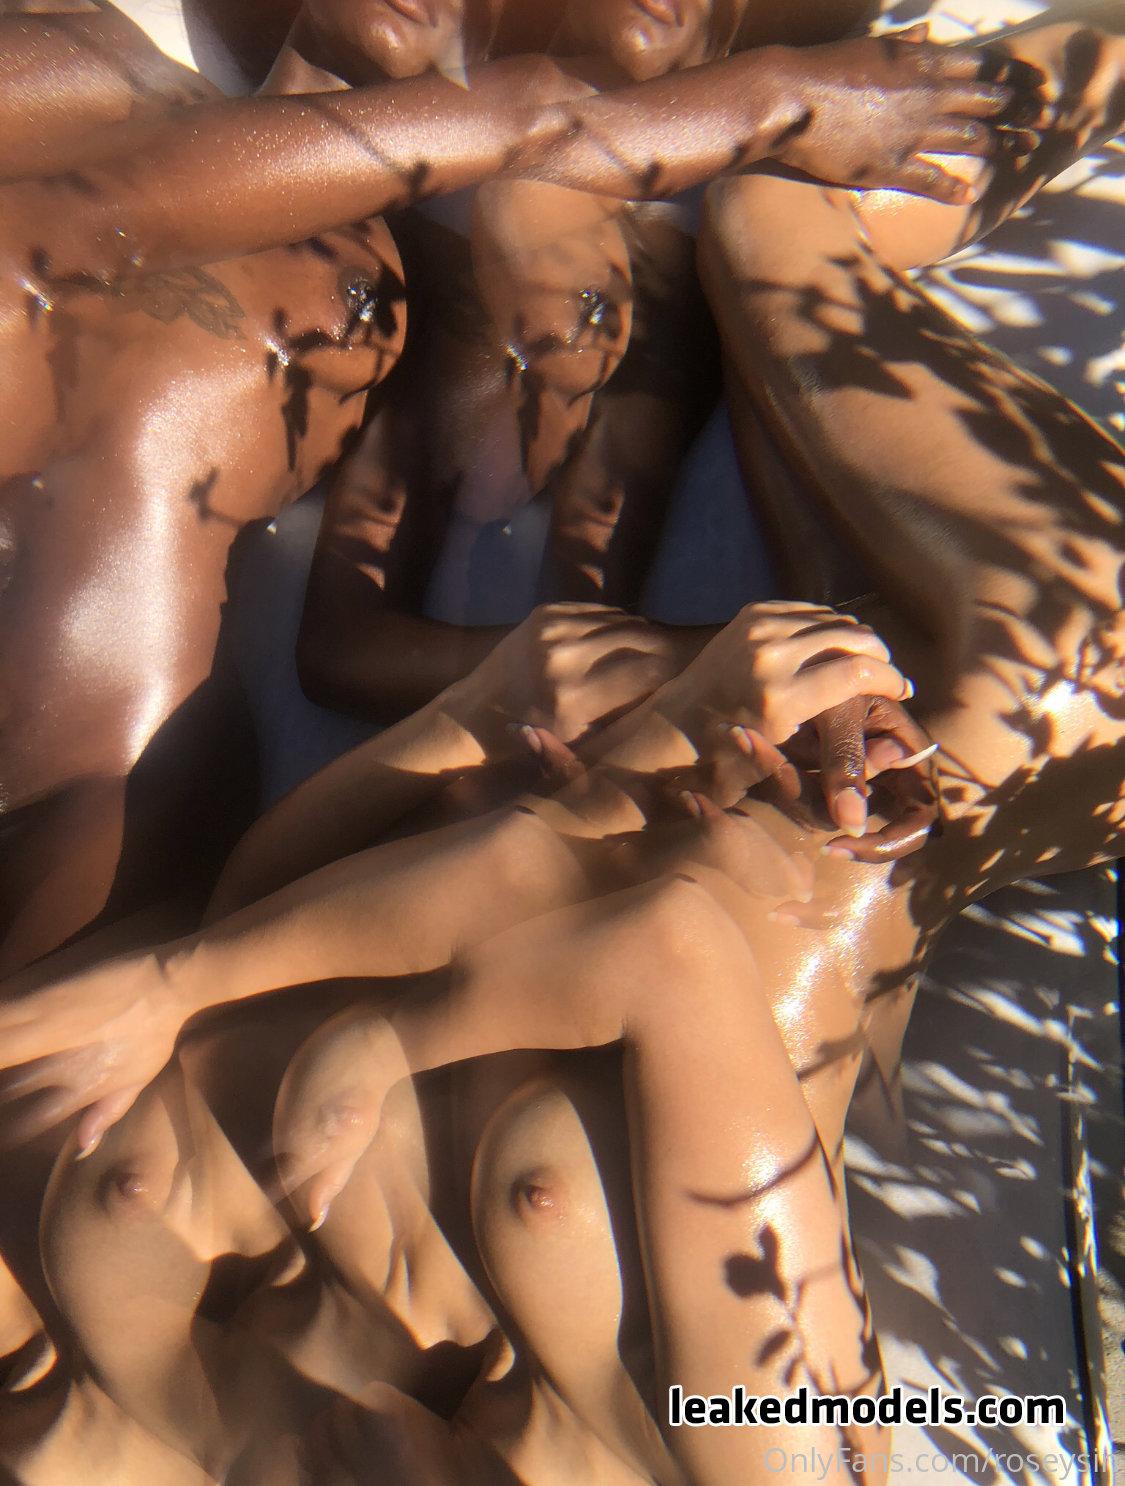 shelby lyn leaked nude leakedmodels.com 0029 - Shelby Lyn – theshelbylyn Instagram Nude Leaks (33 Photos)